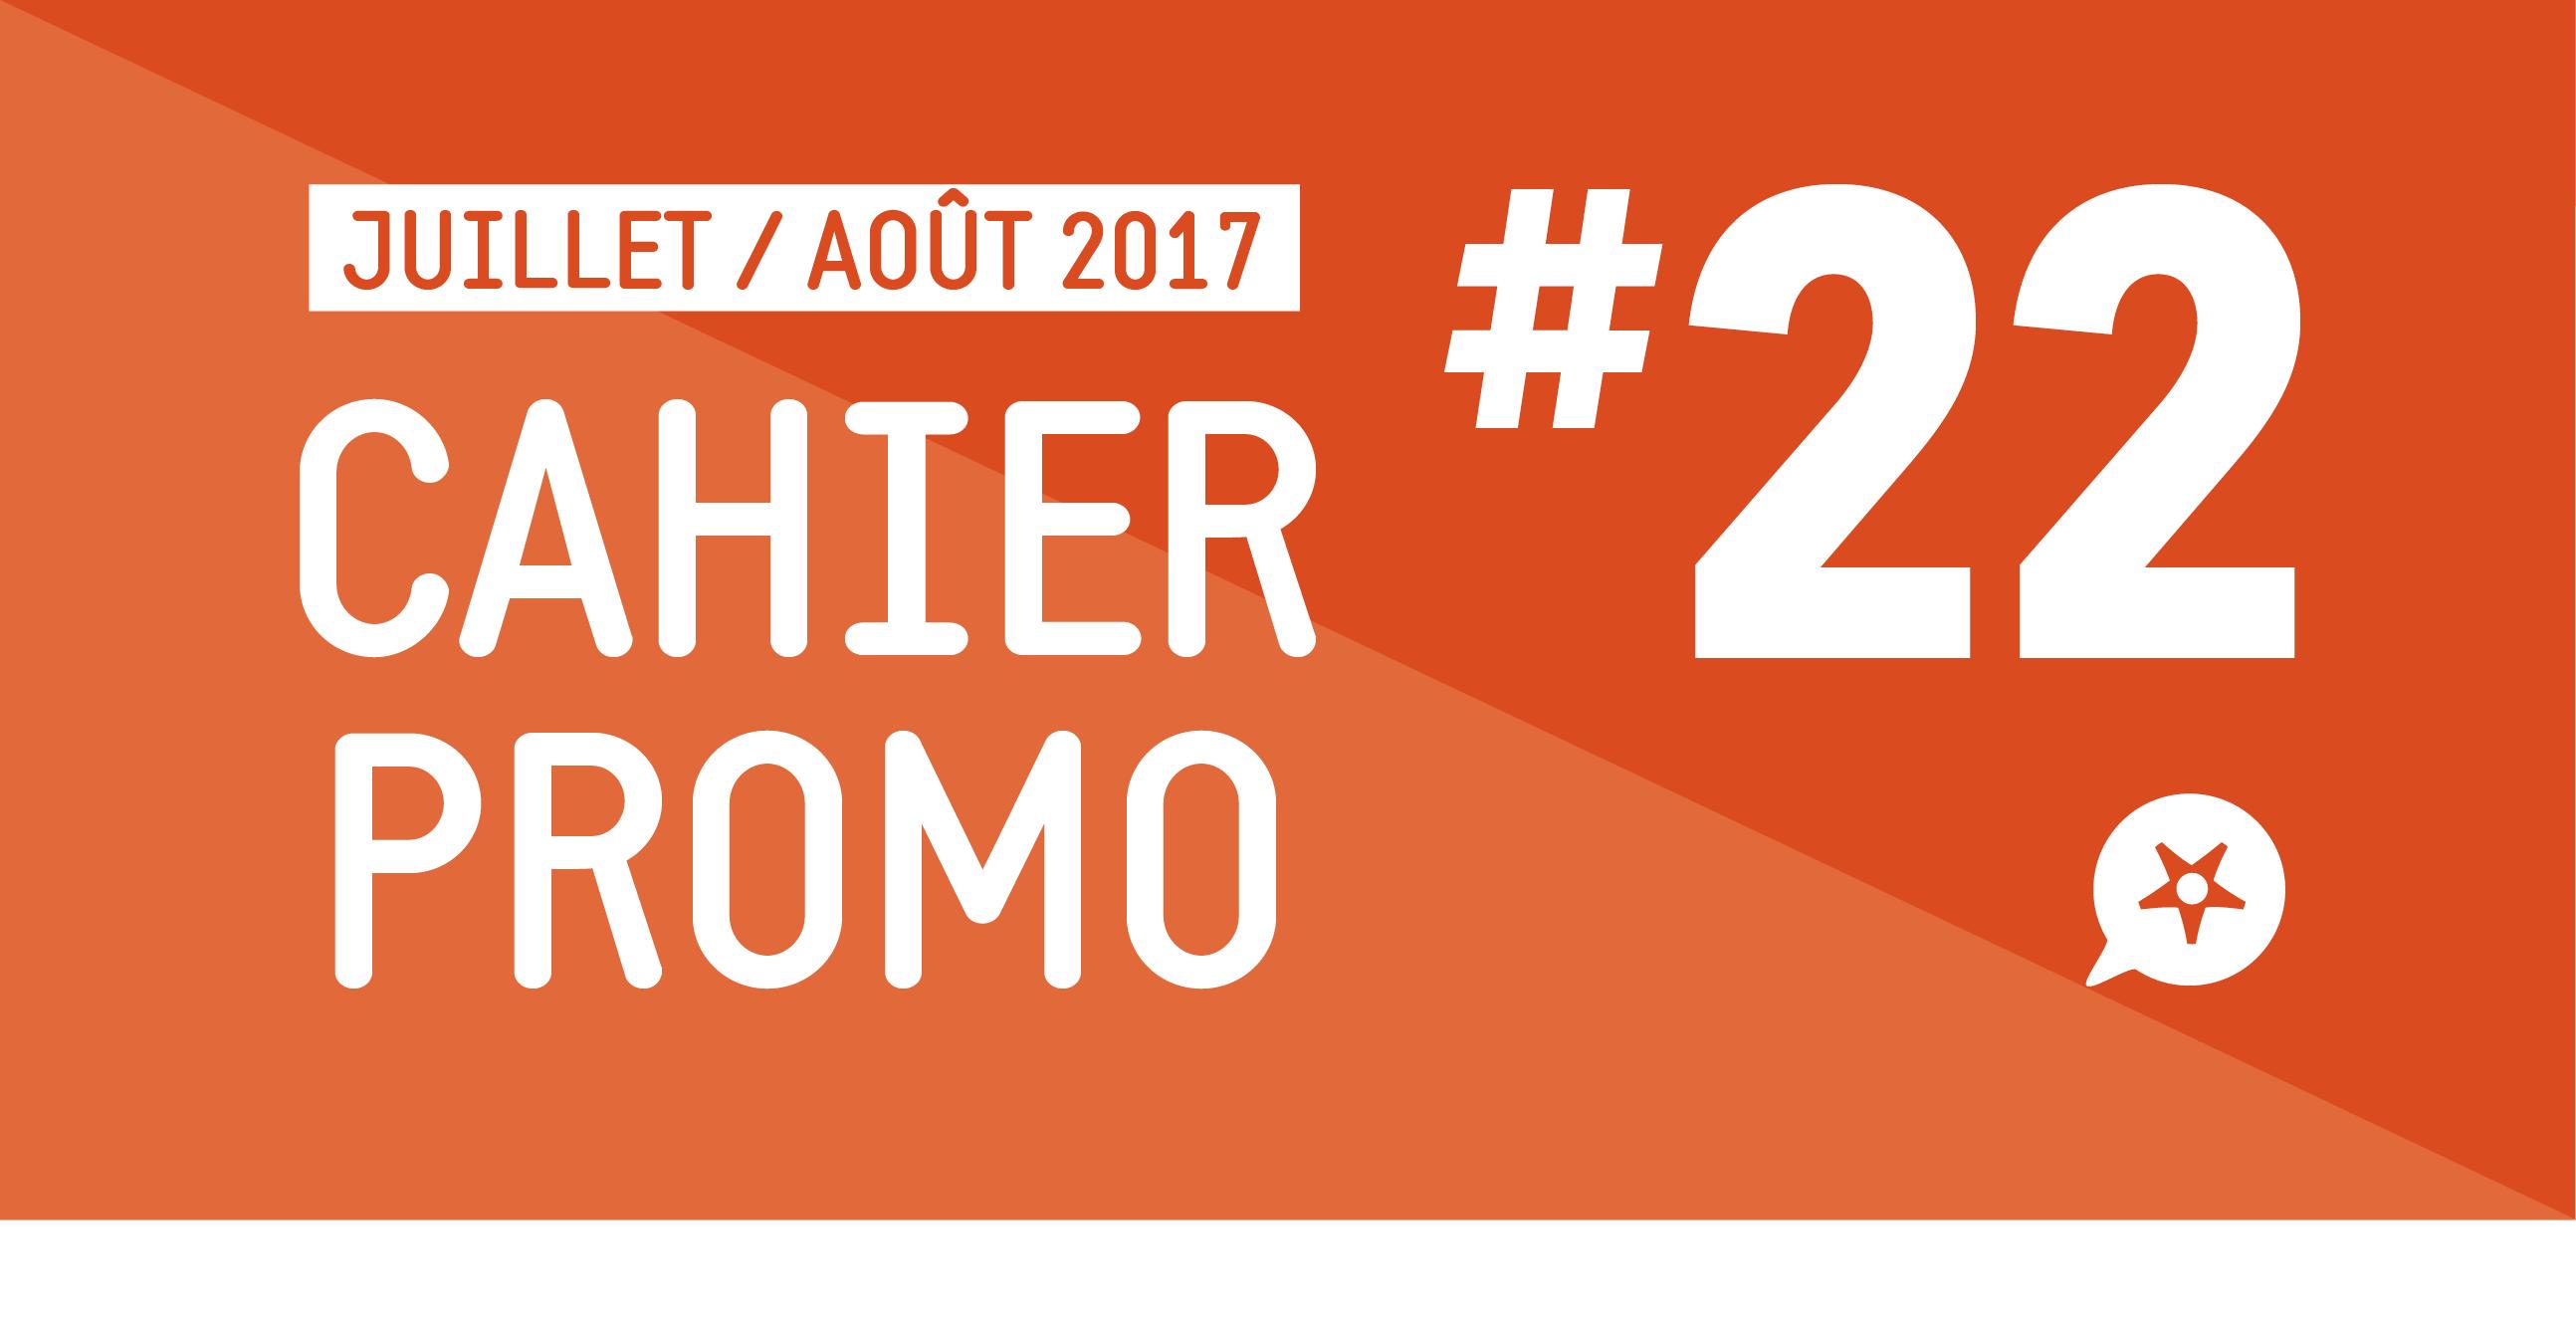 CAHIER PROMO – JUILLET AOÛT 2017